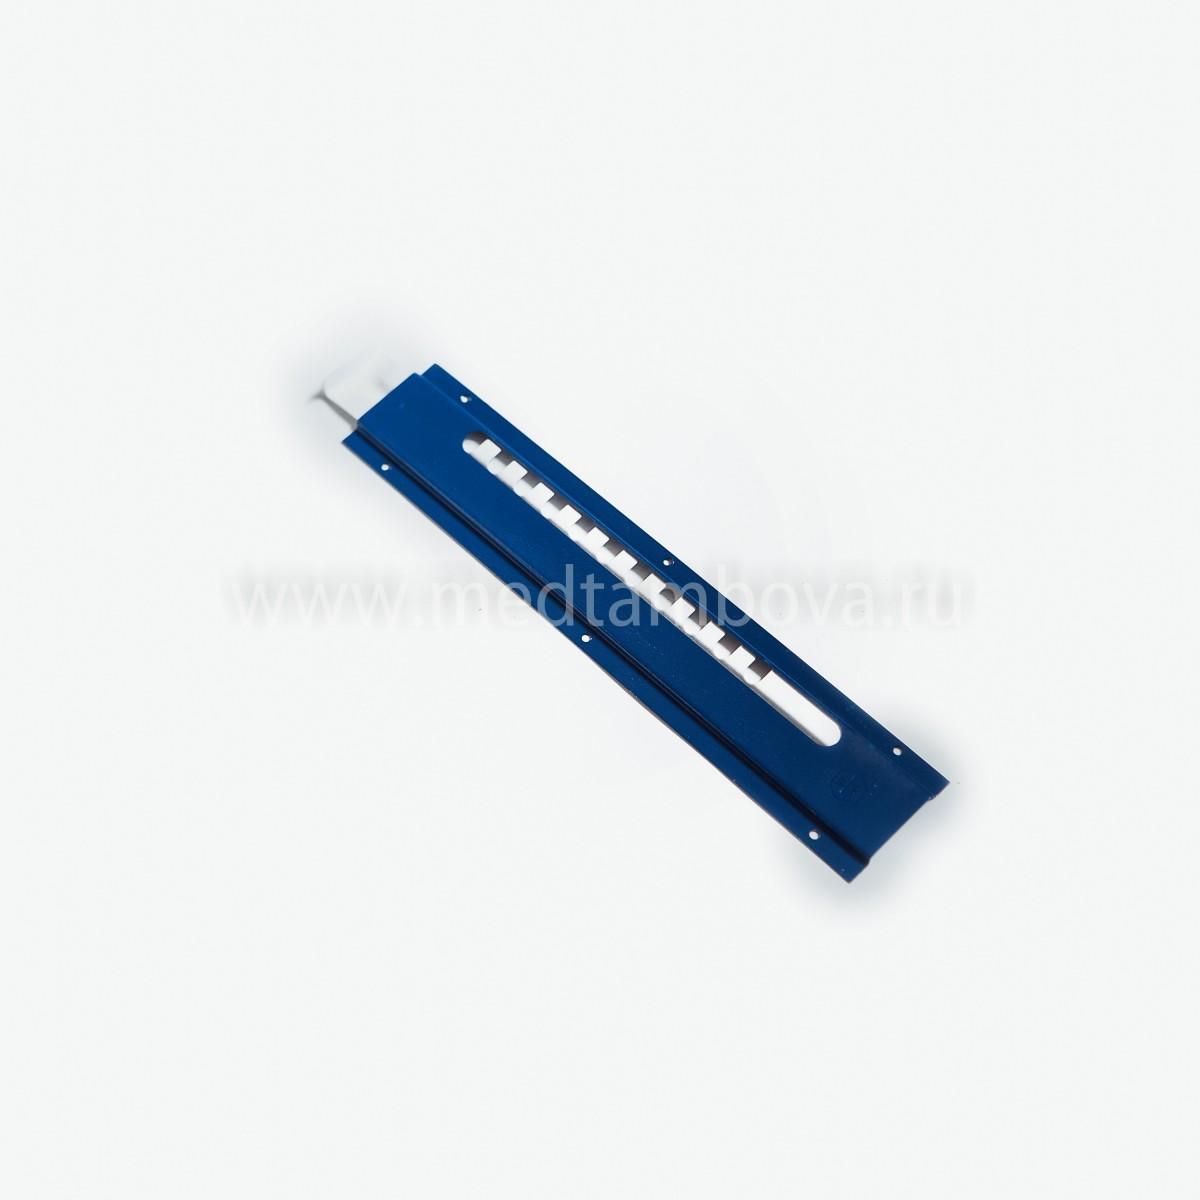 Летковый заградитель 2-х элементный полимерный нижний 30*250